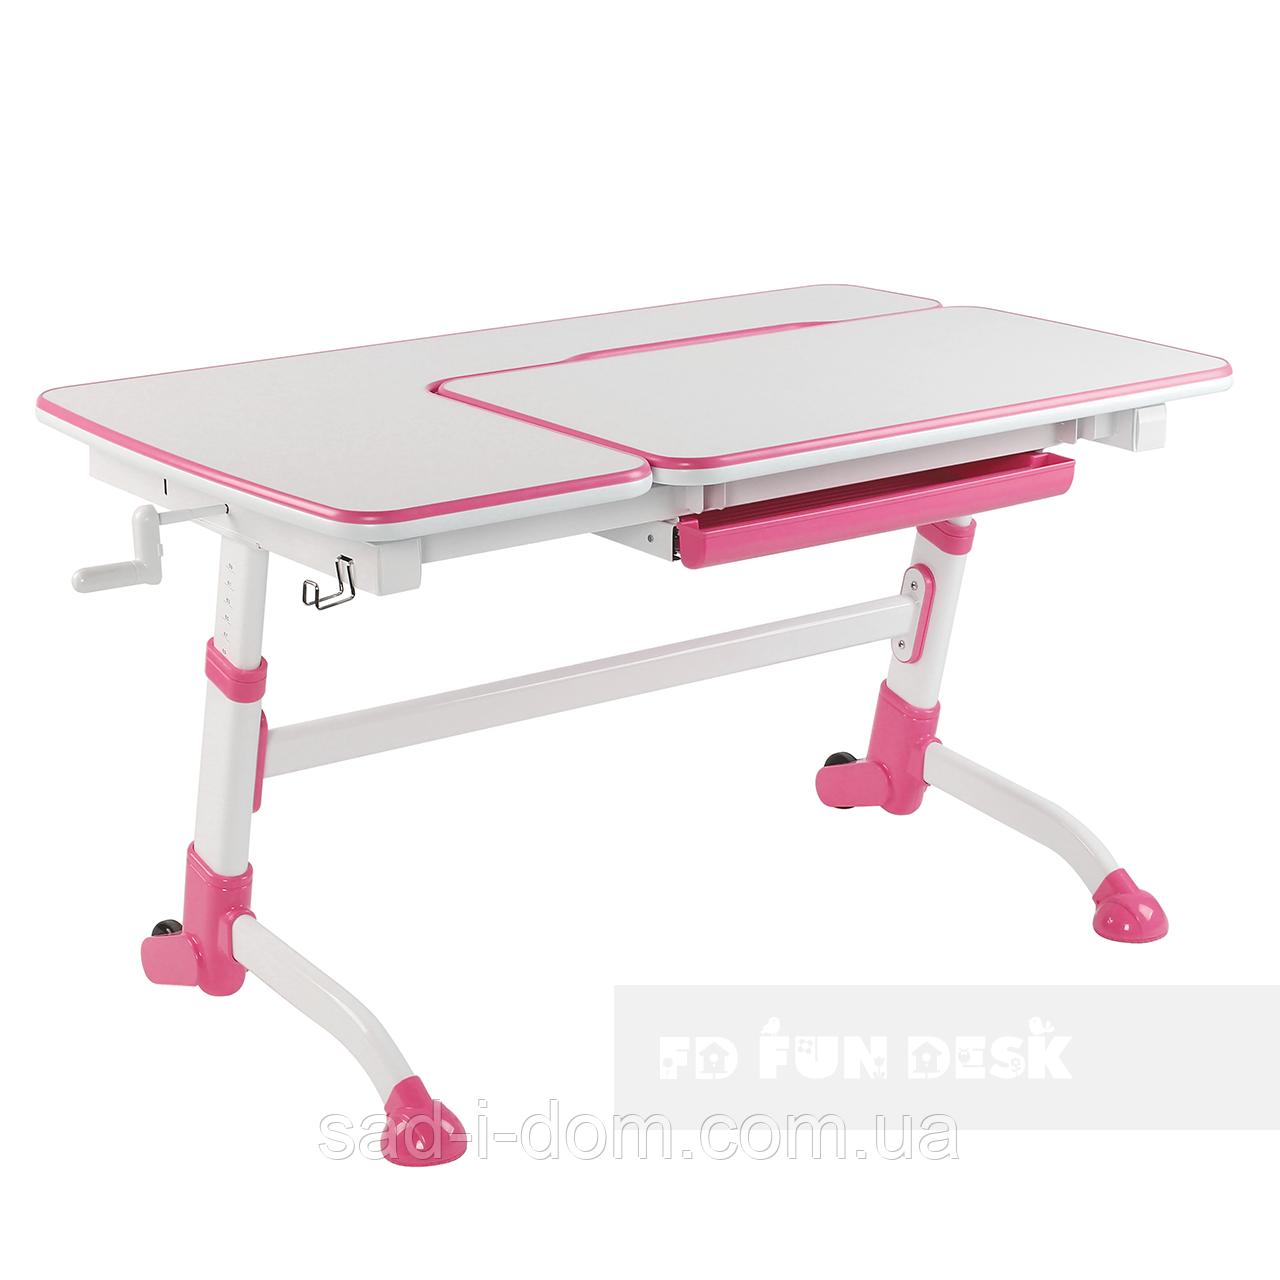 Детская парта-трансформер для девочки FunDesk Amare, розовая